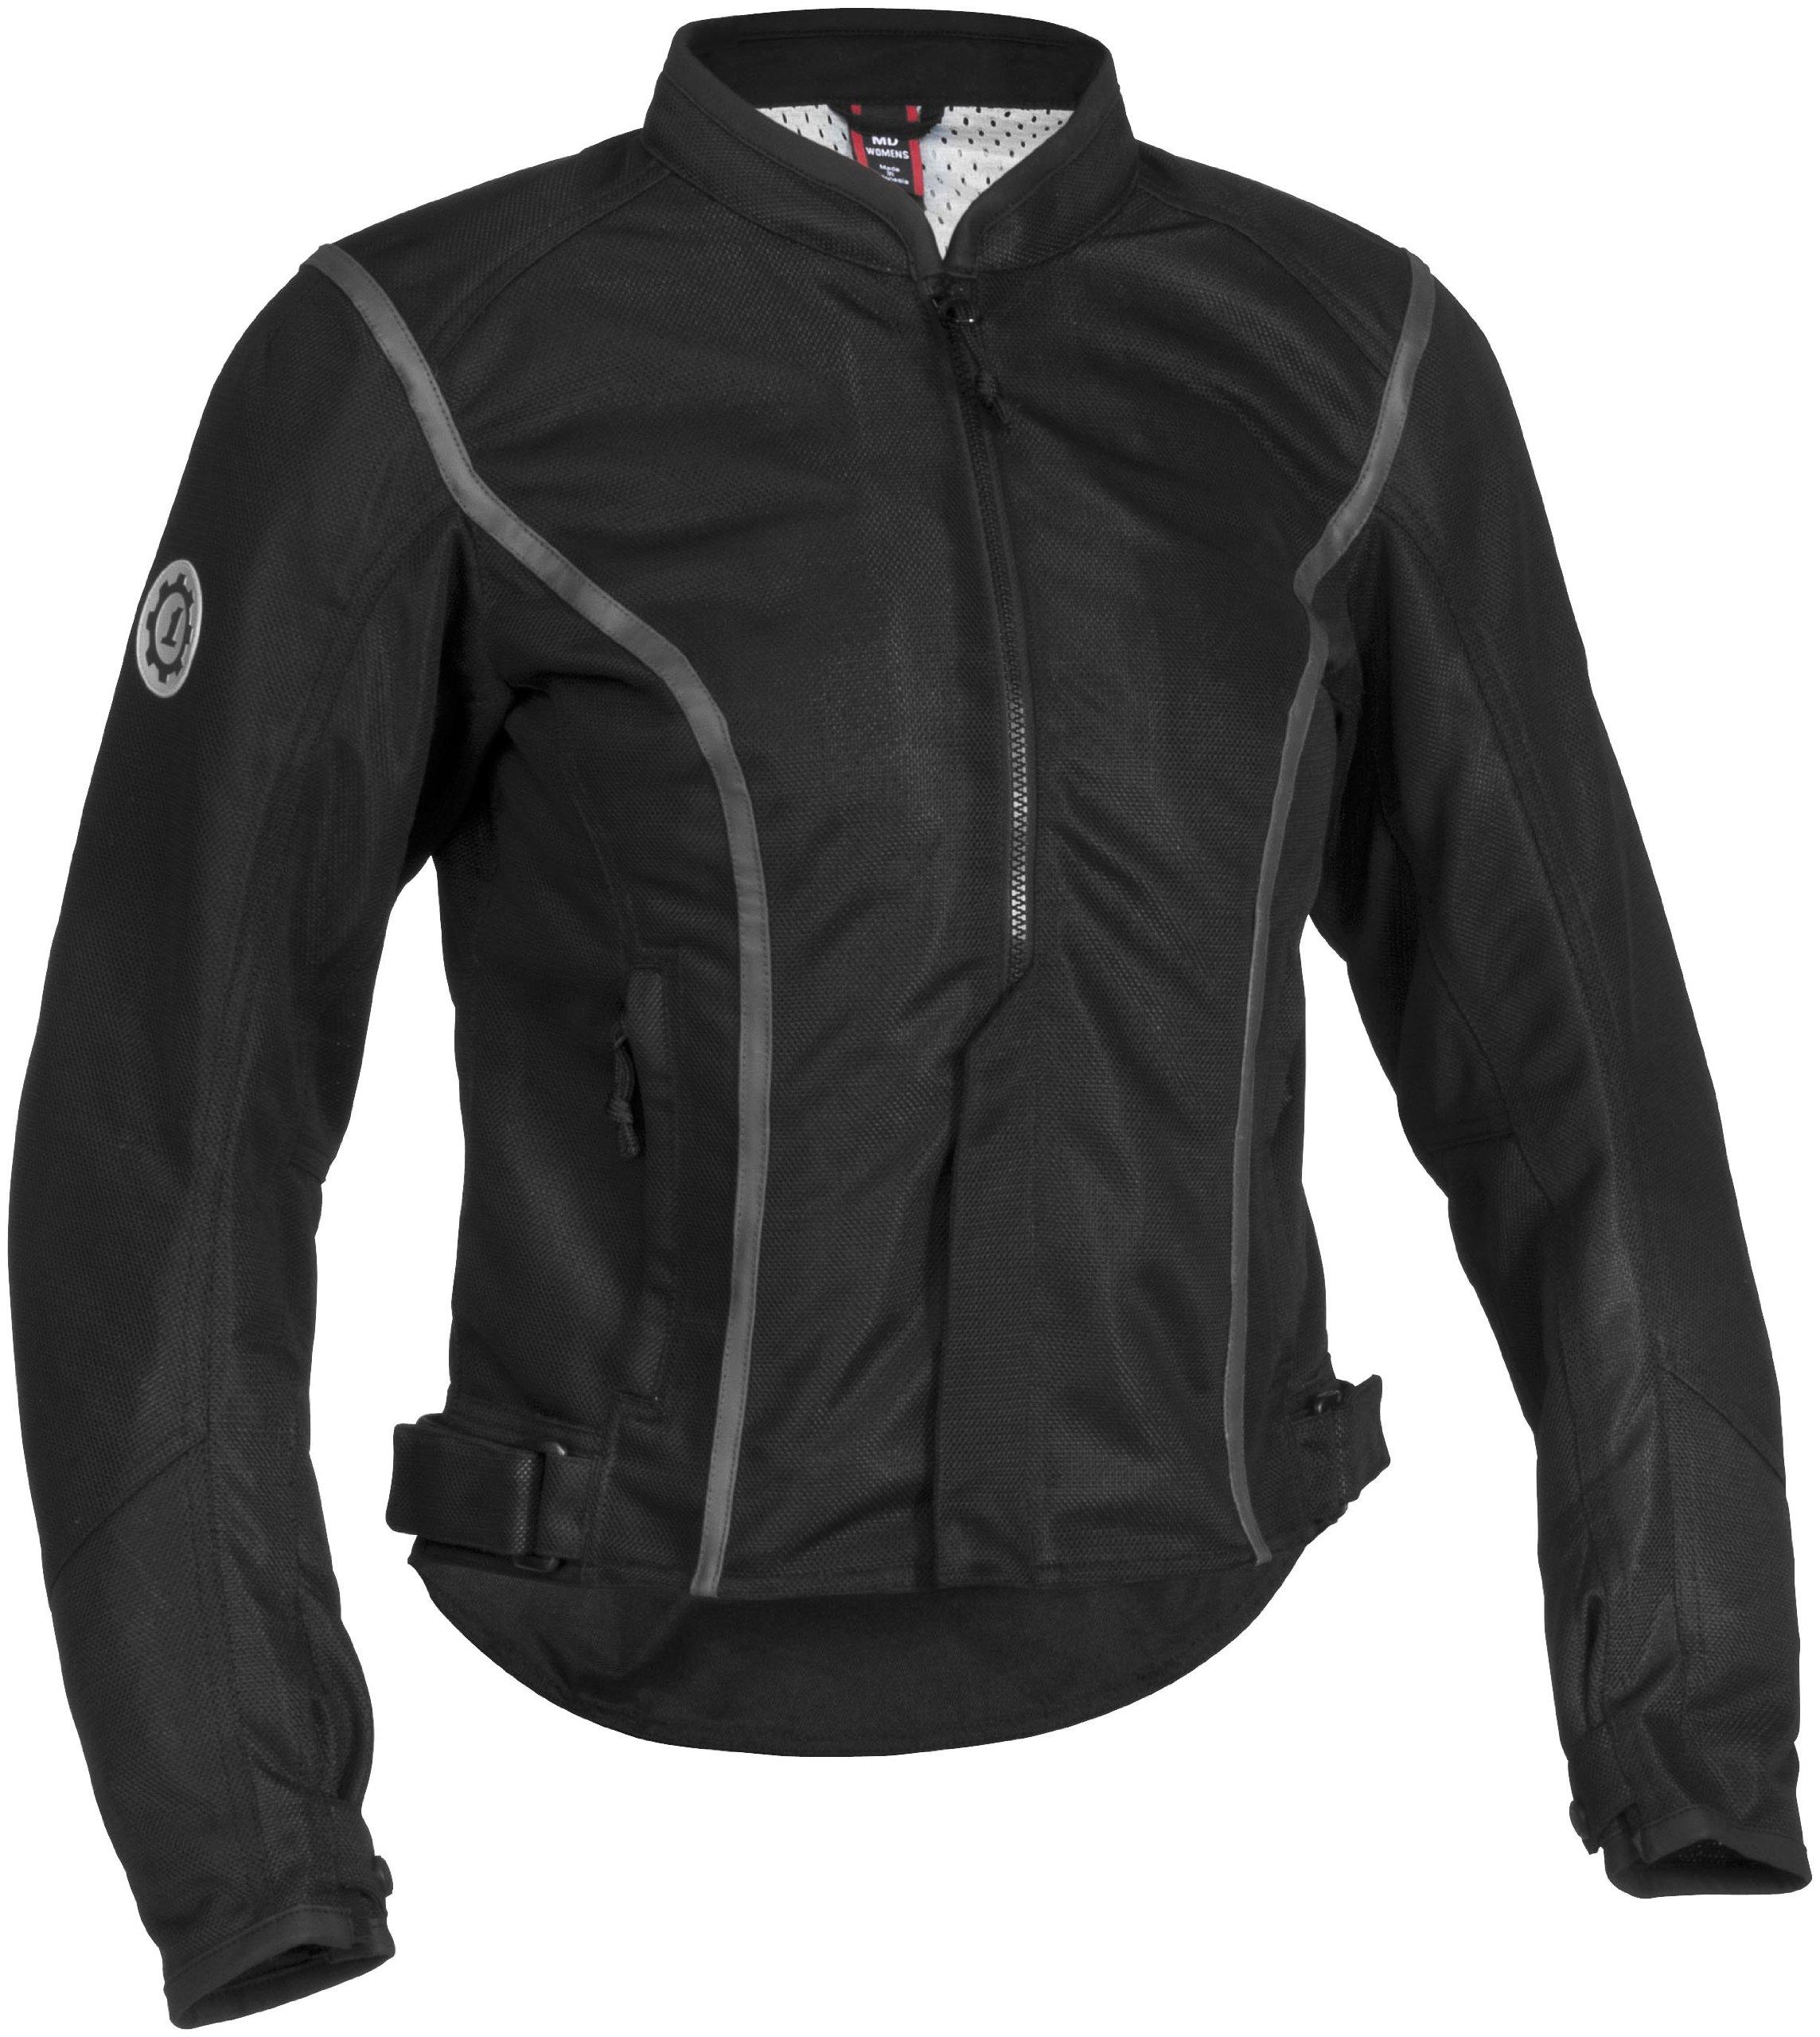 Firstgear Women's Contour Mesh Black Jacket, XS